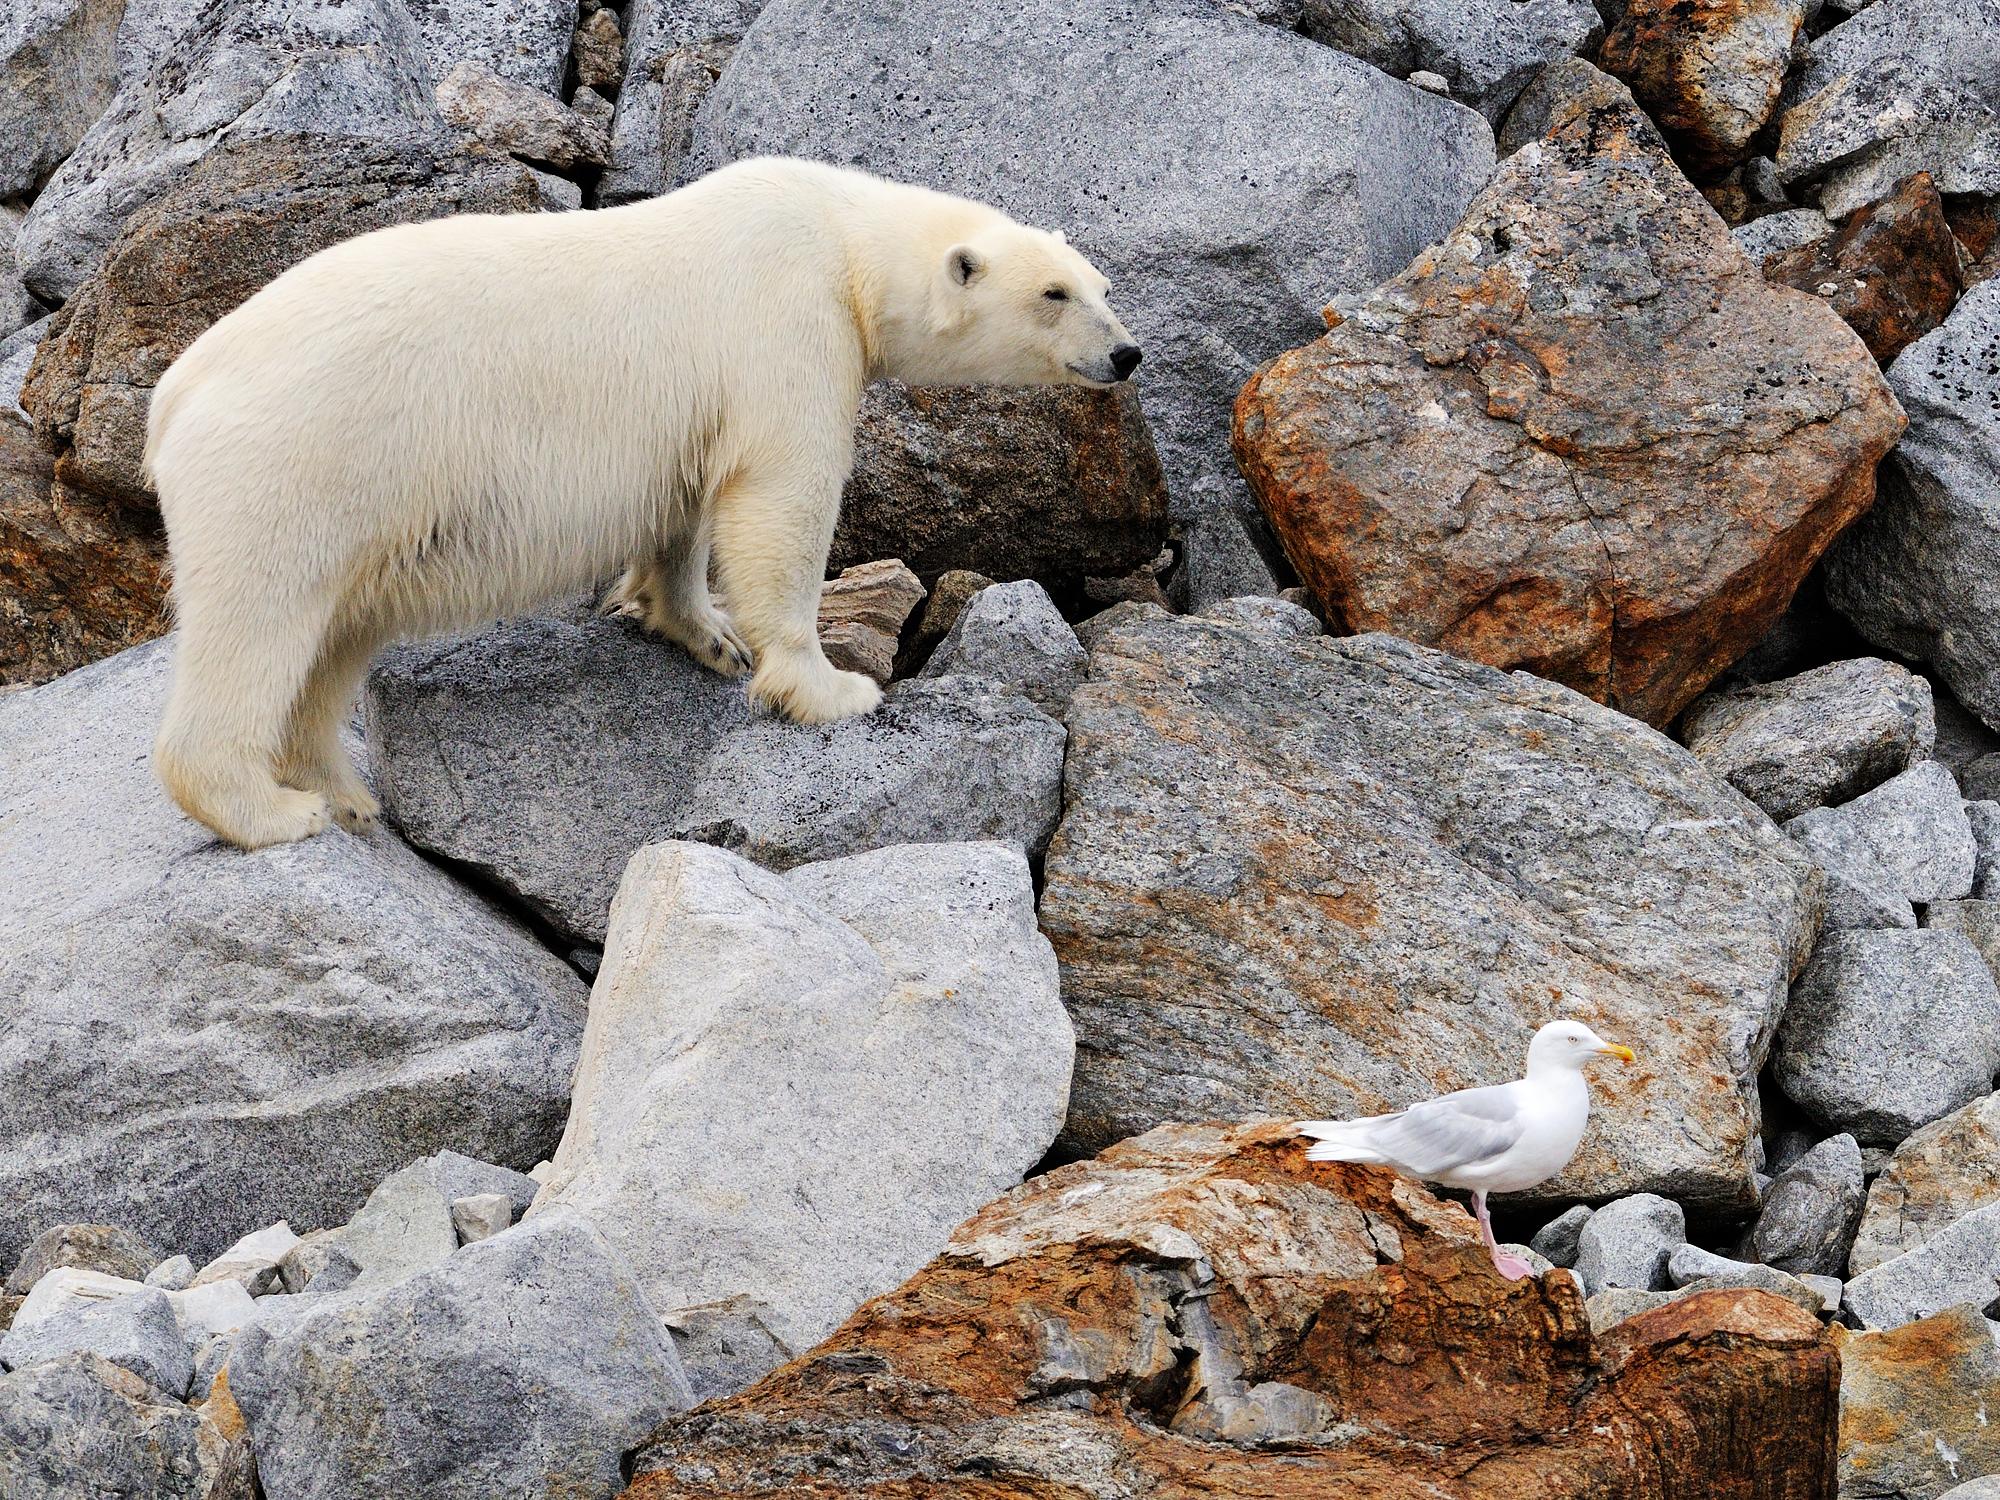 Polar Bear and Glaucous Gull